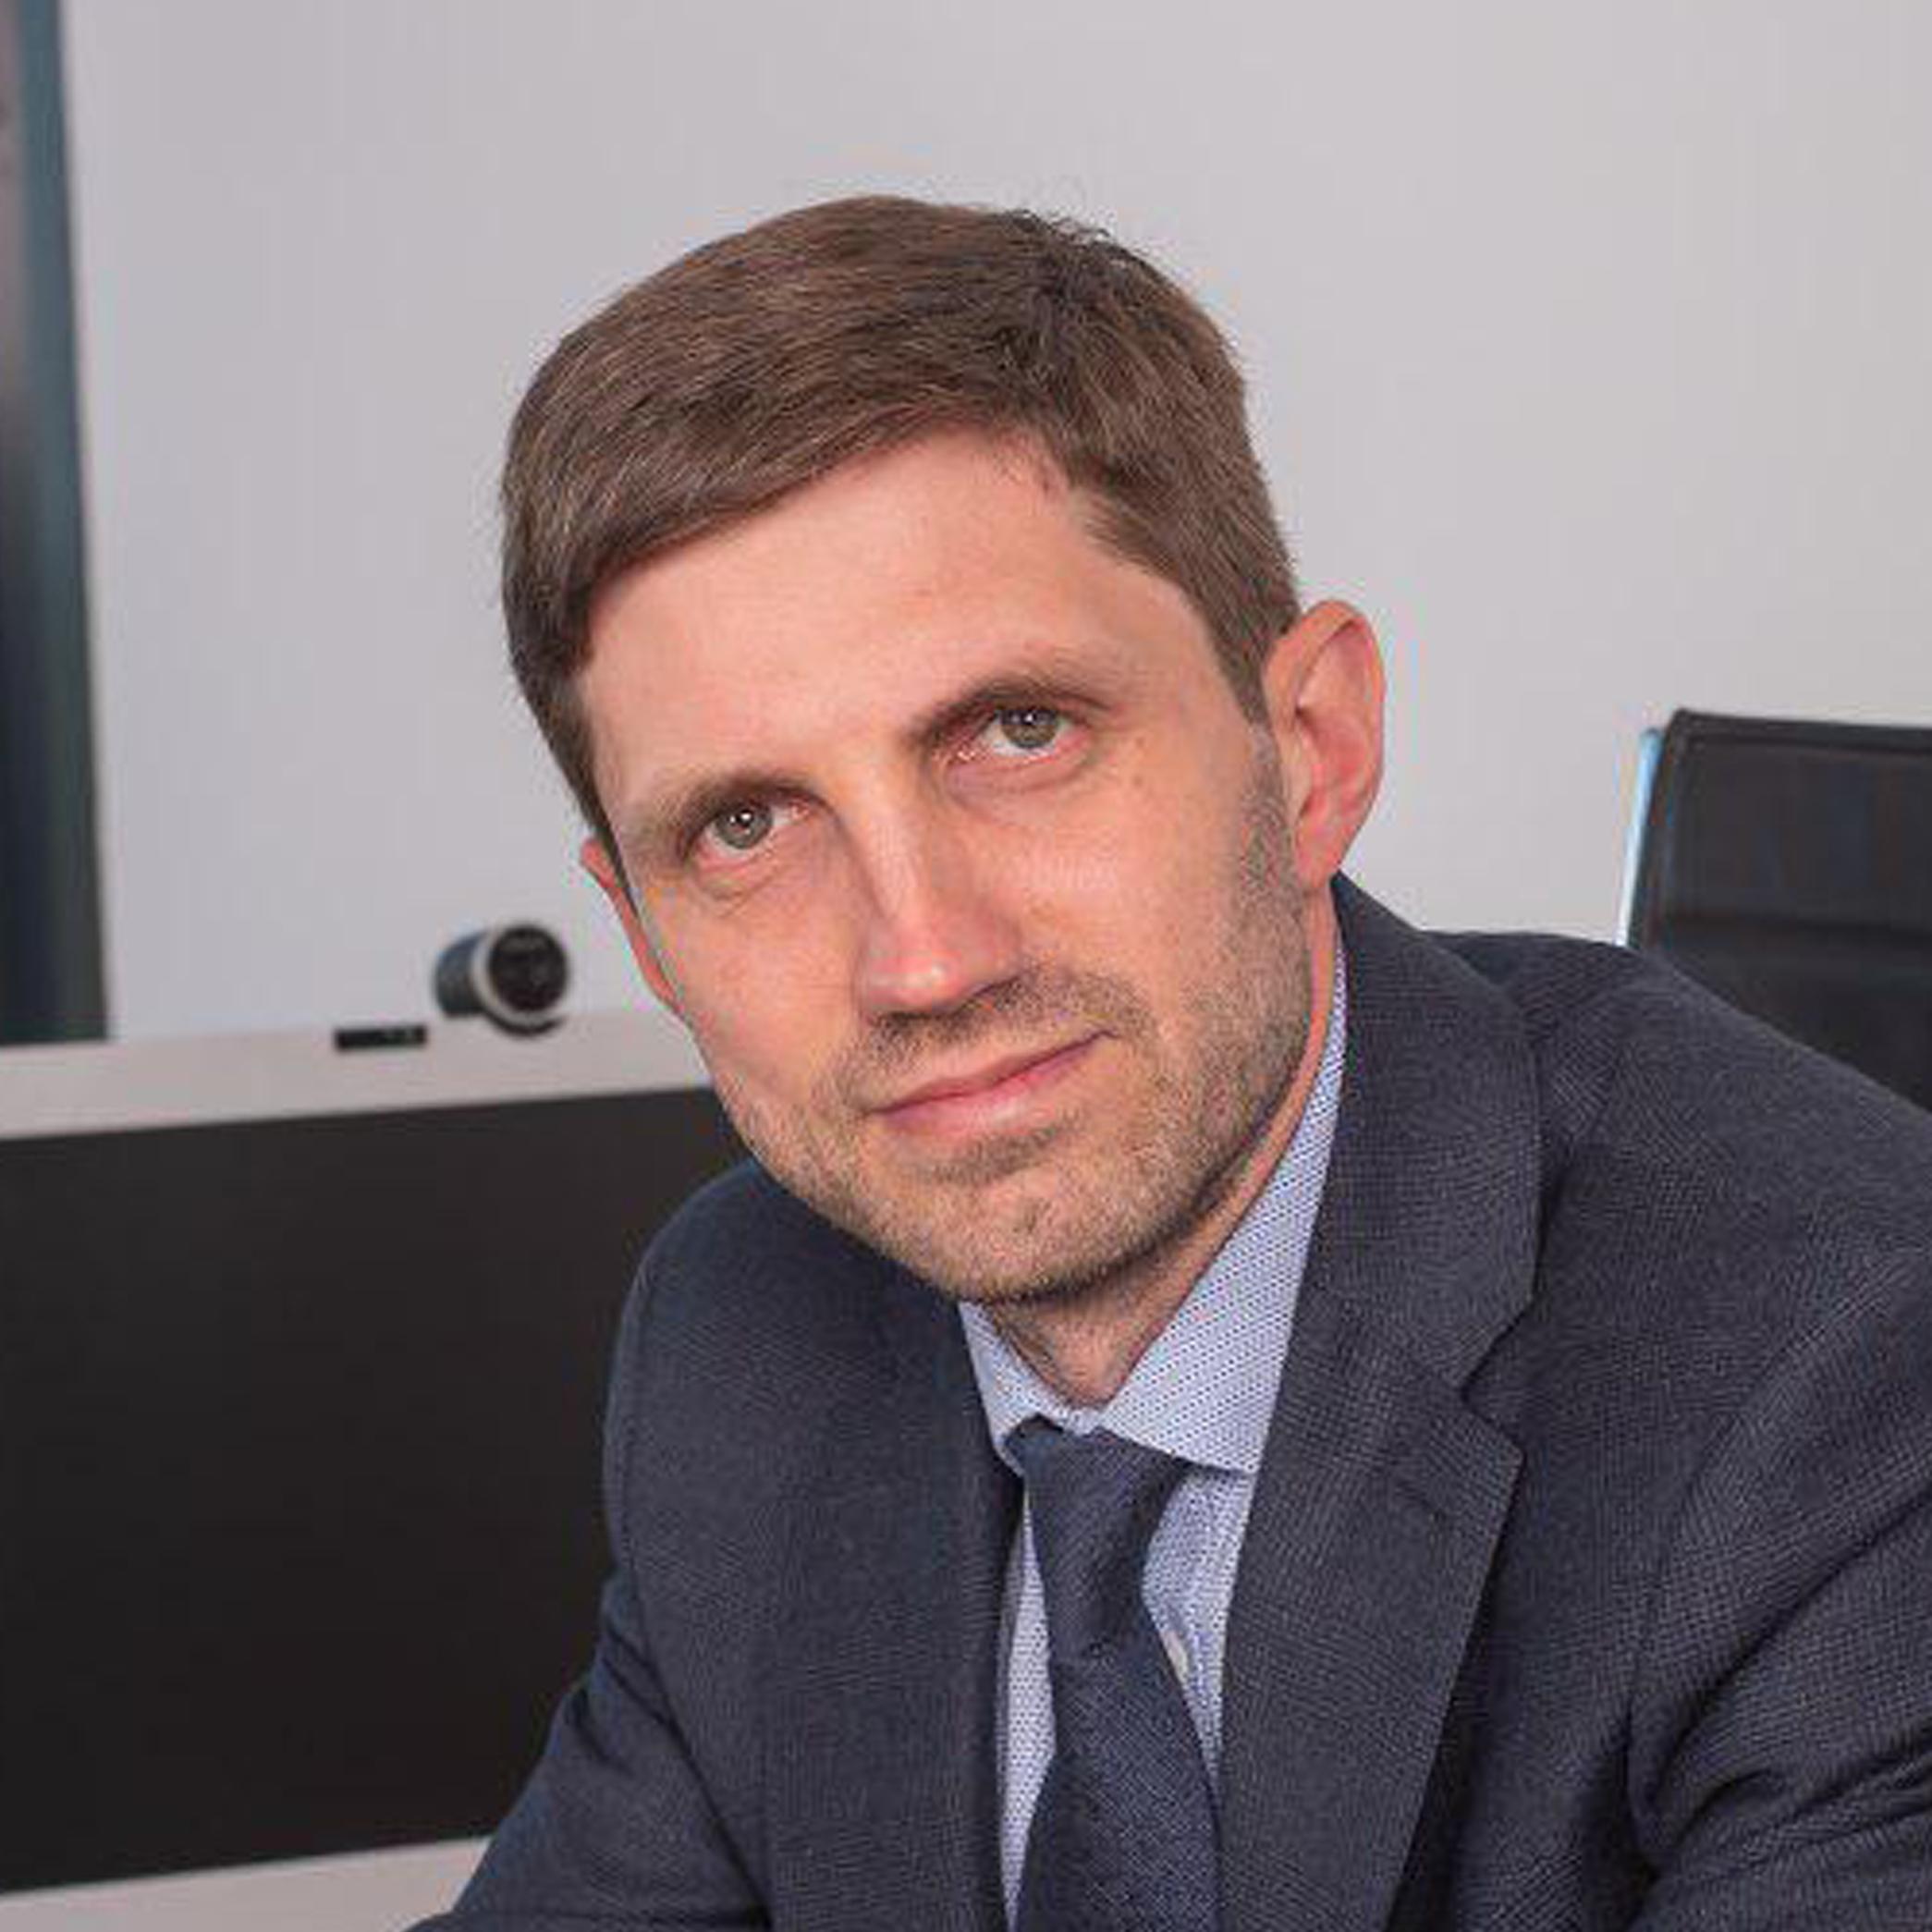 Халимов  Ренат  Азатович, генеральный директор АО «ОЭЗ «Иннополис»